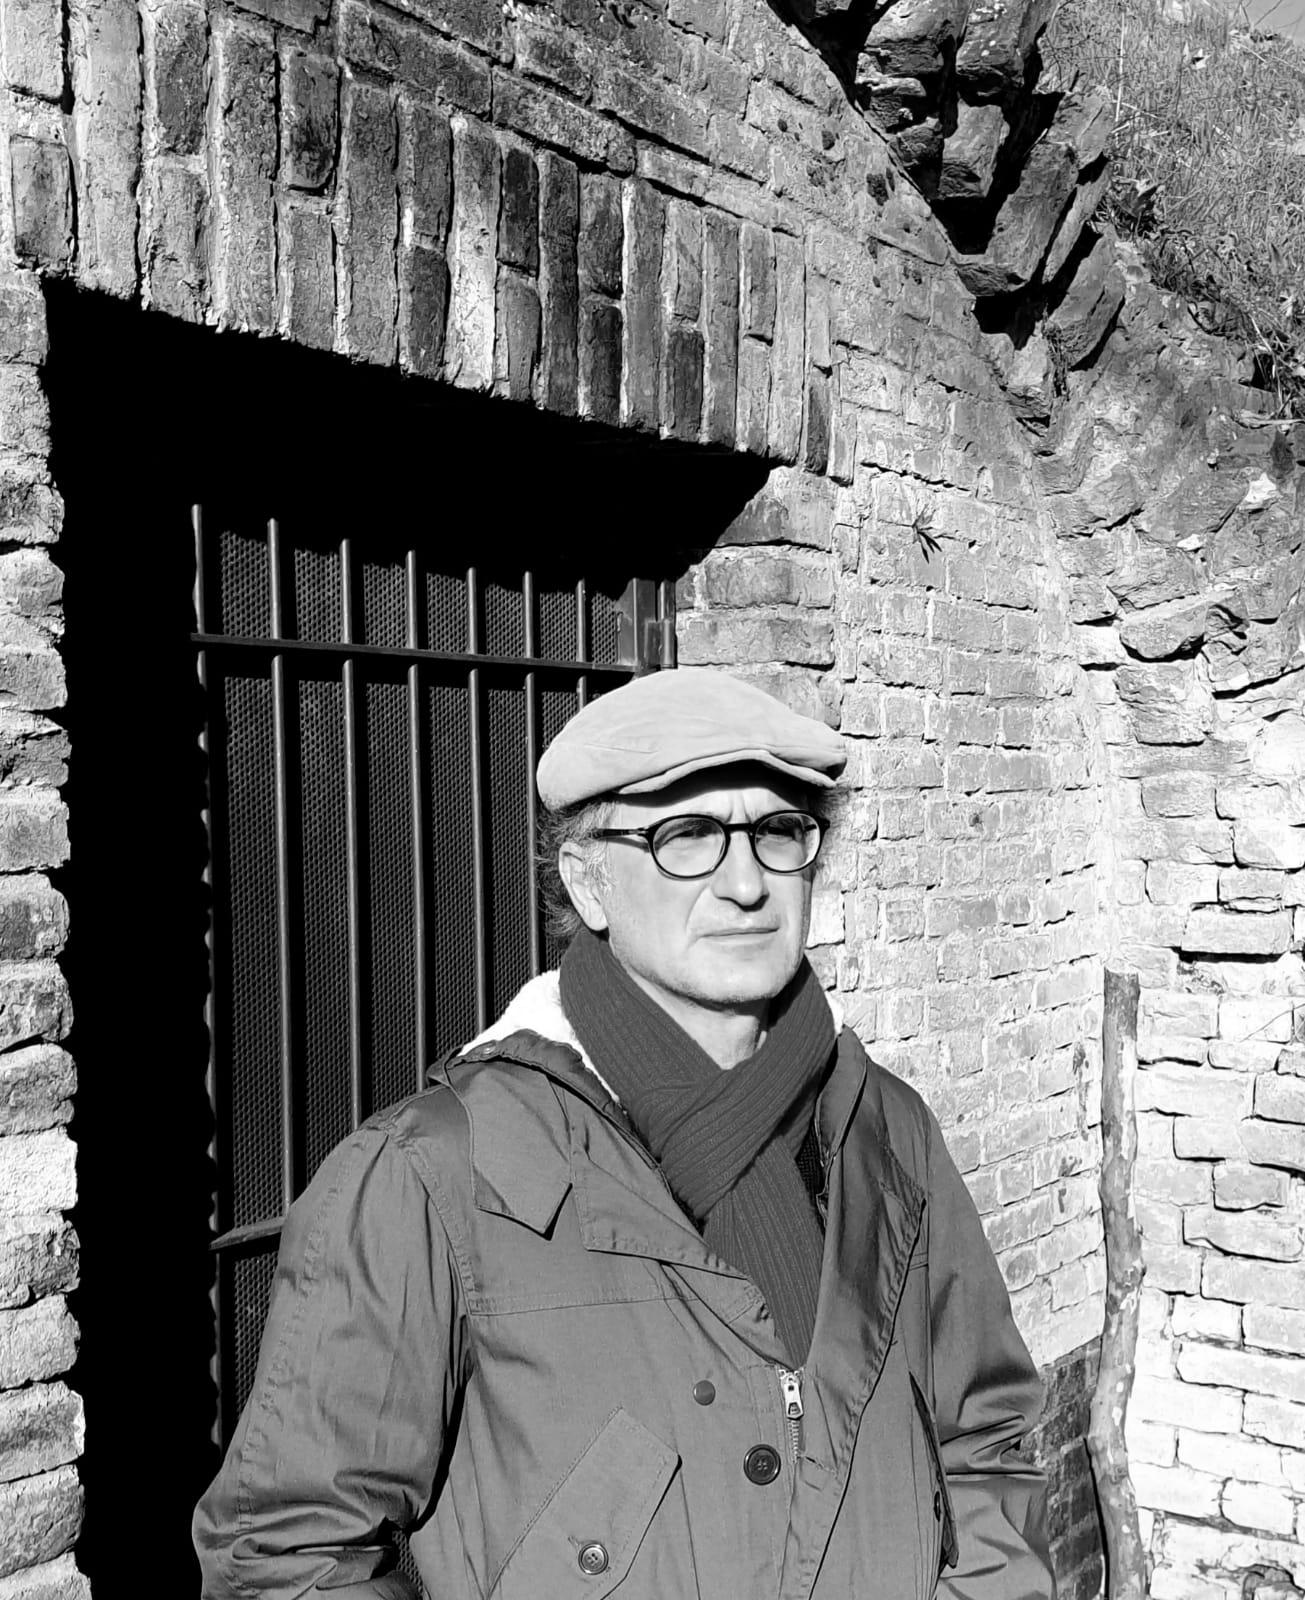 Daniele Tizzoni